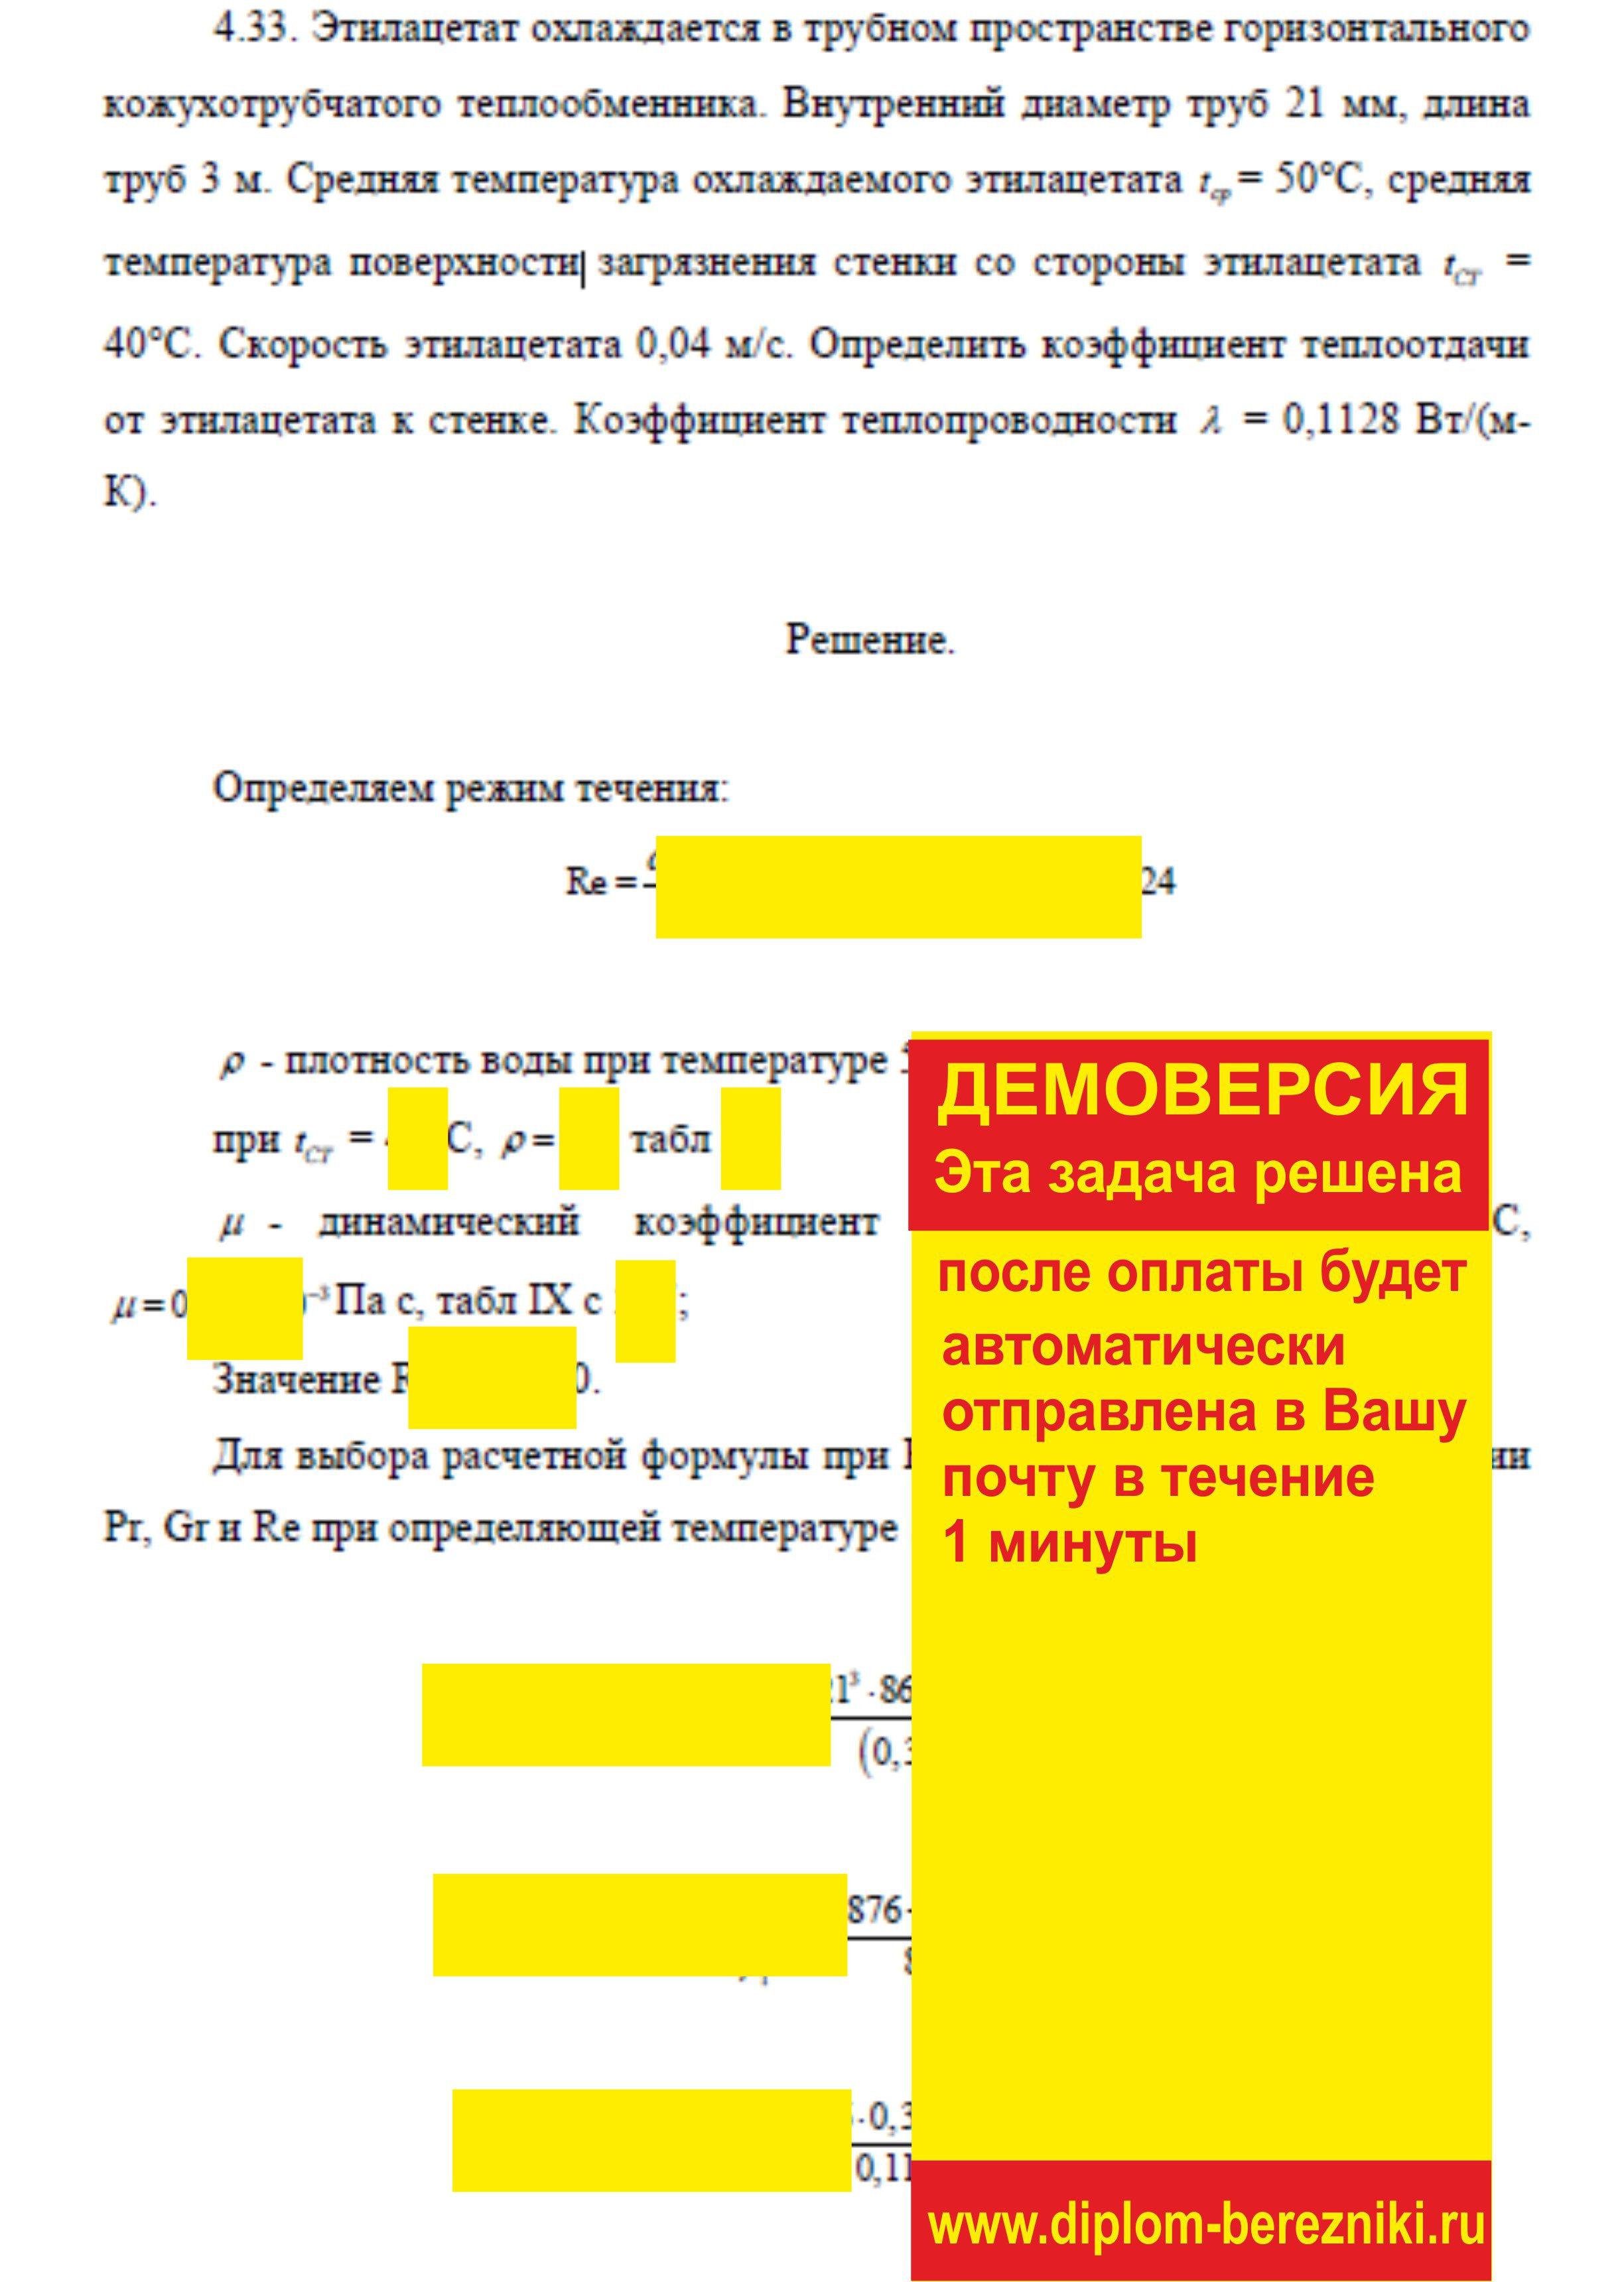 Решение задачи 4.33 по ПАХТ из задачника Павлова Романкова Носкова